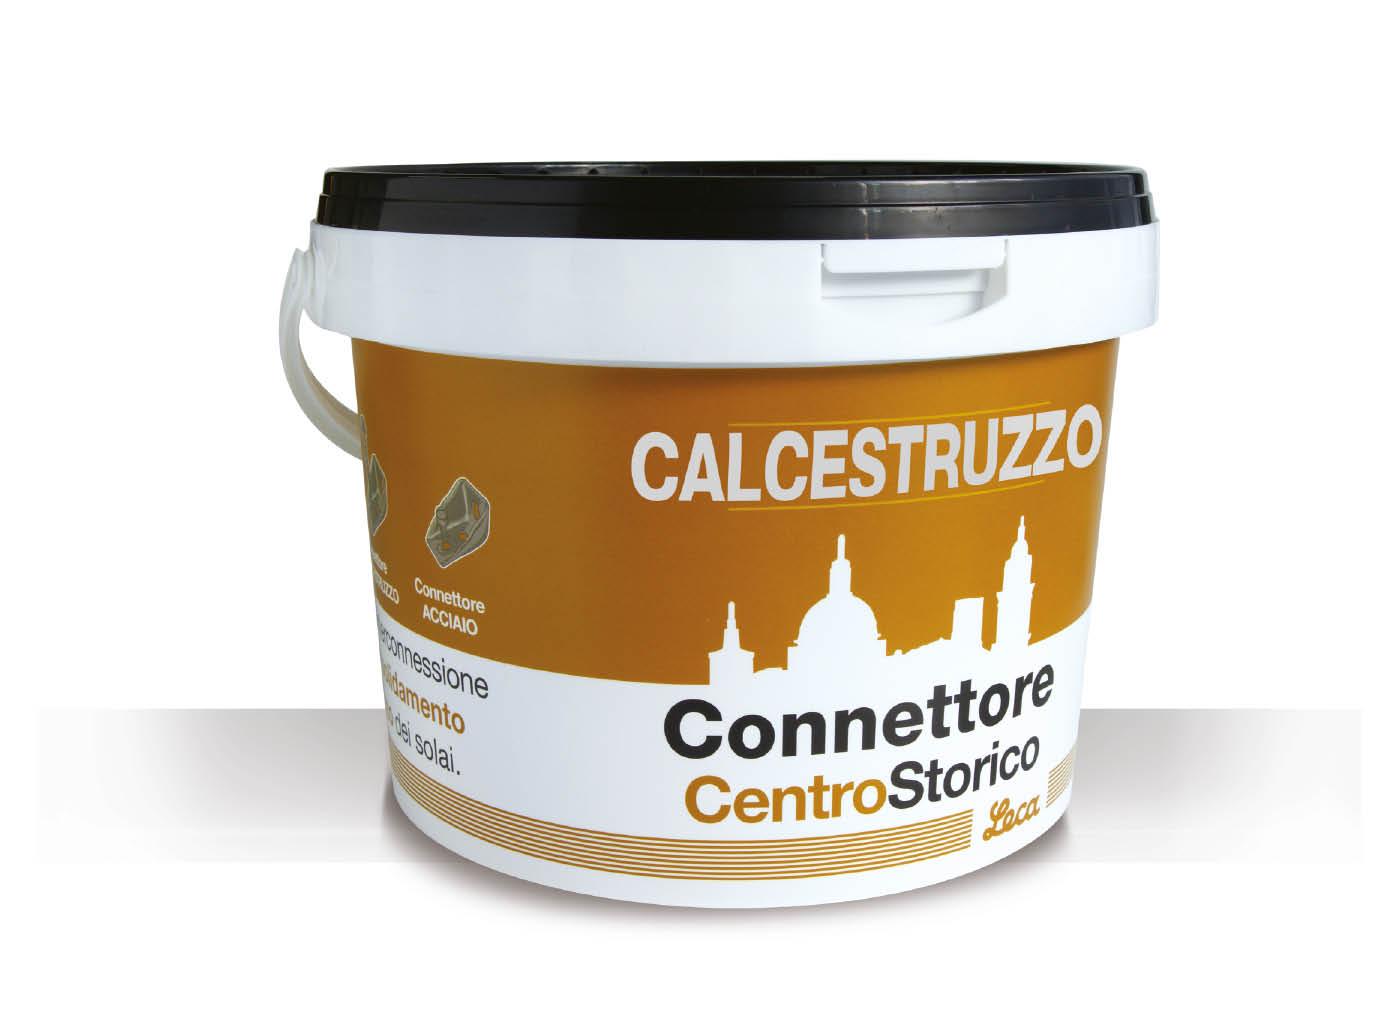 secchio-connettore-calcestruzzo-P32-1